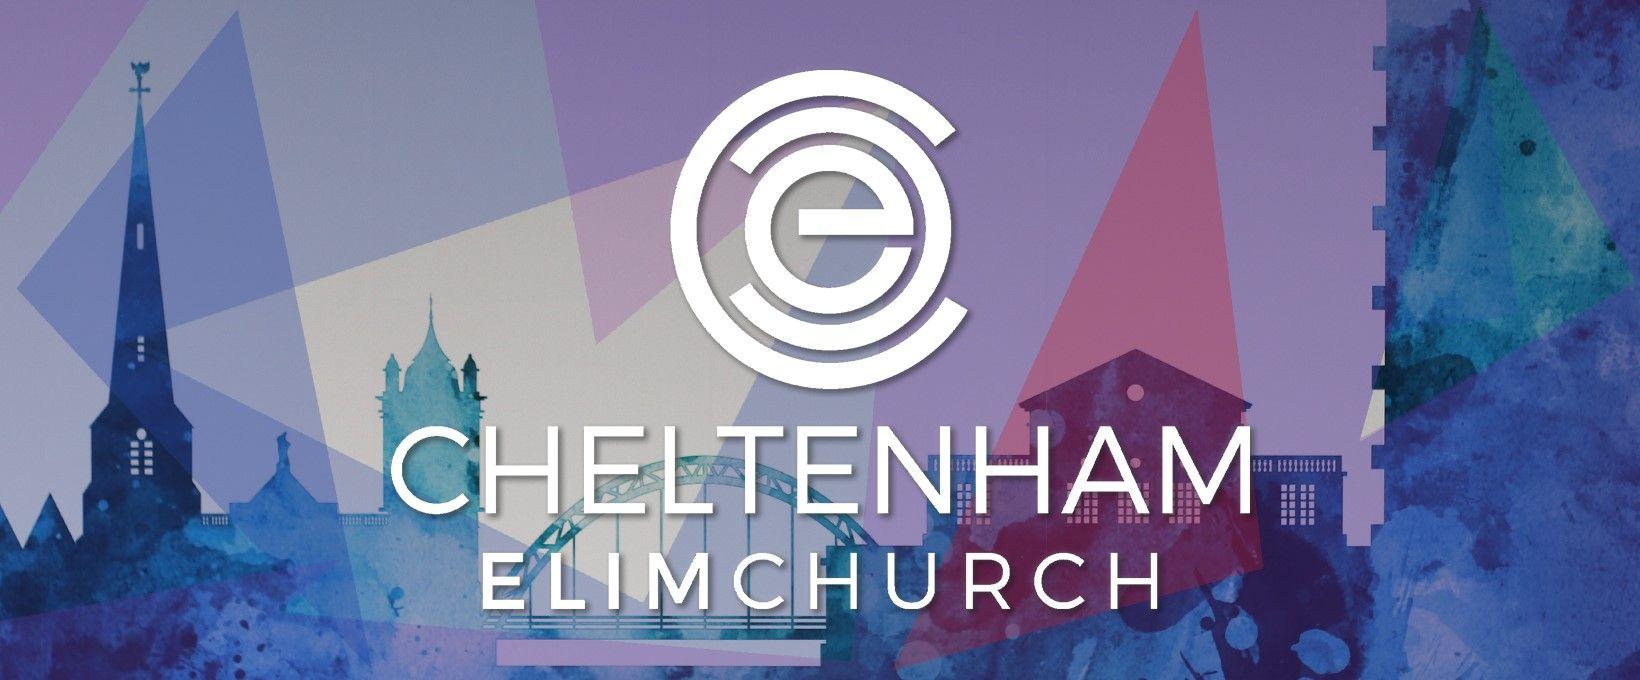 Cheltenham Elim Church